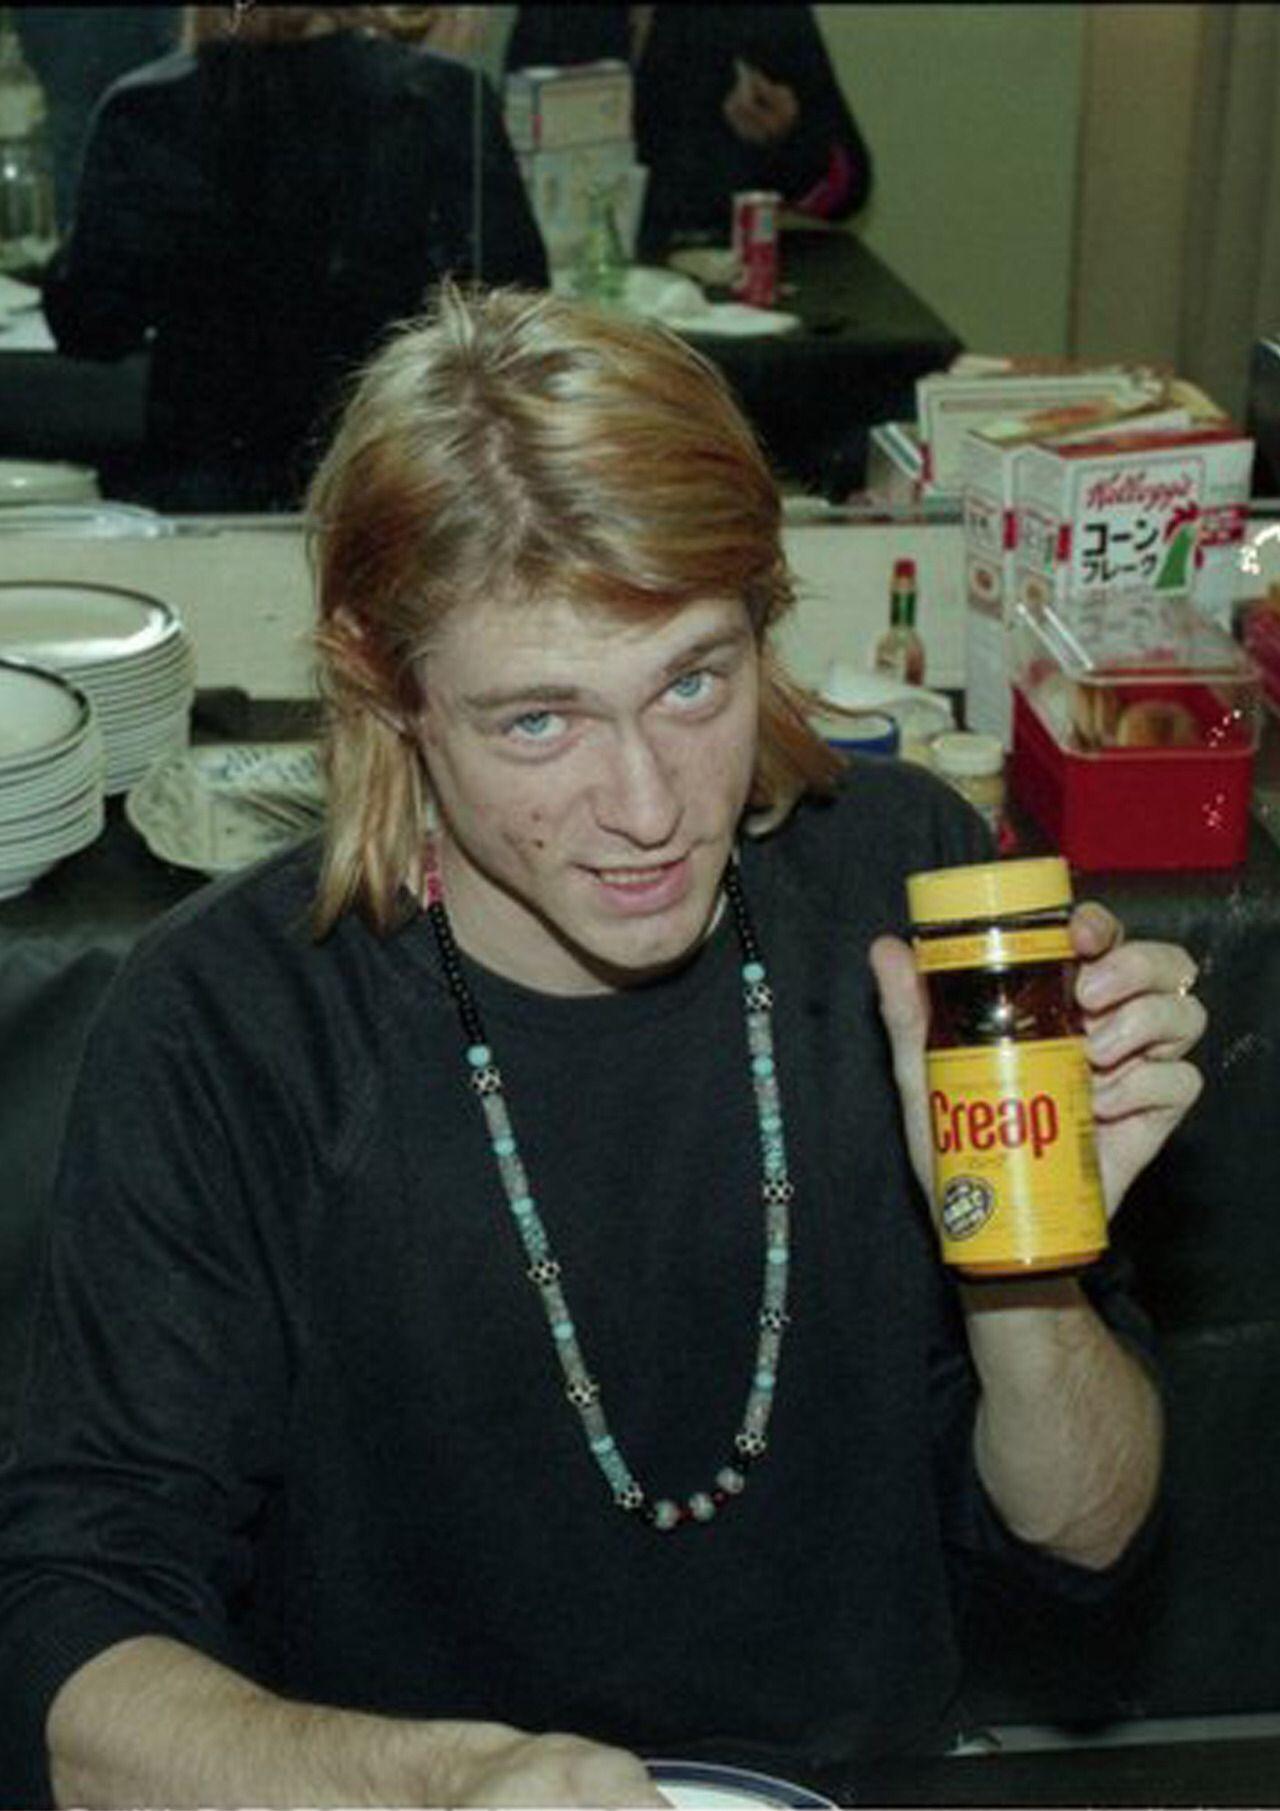 Kurt Cobain - Negative Creap